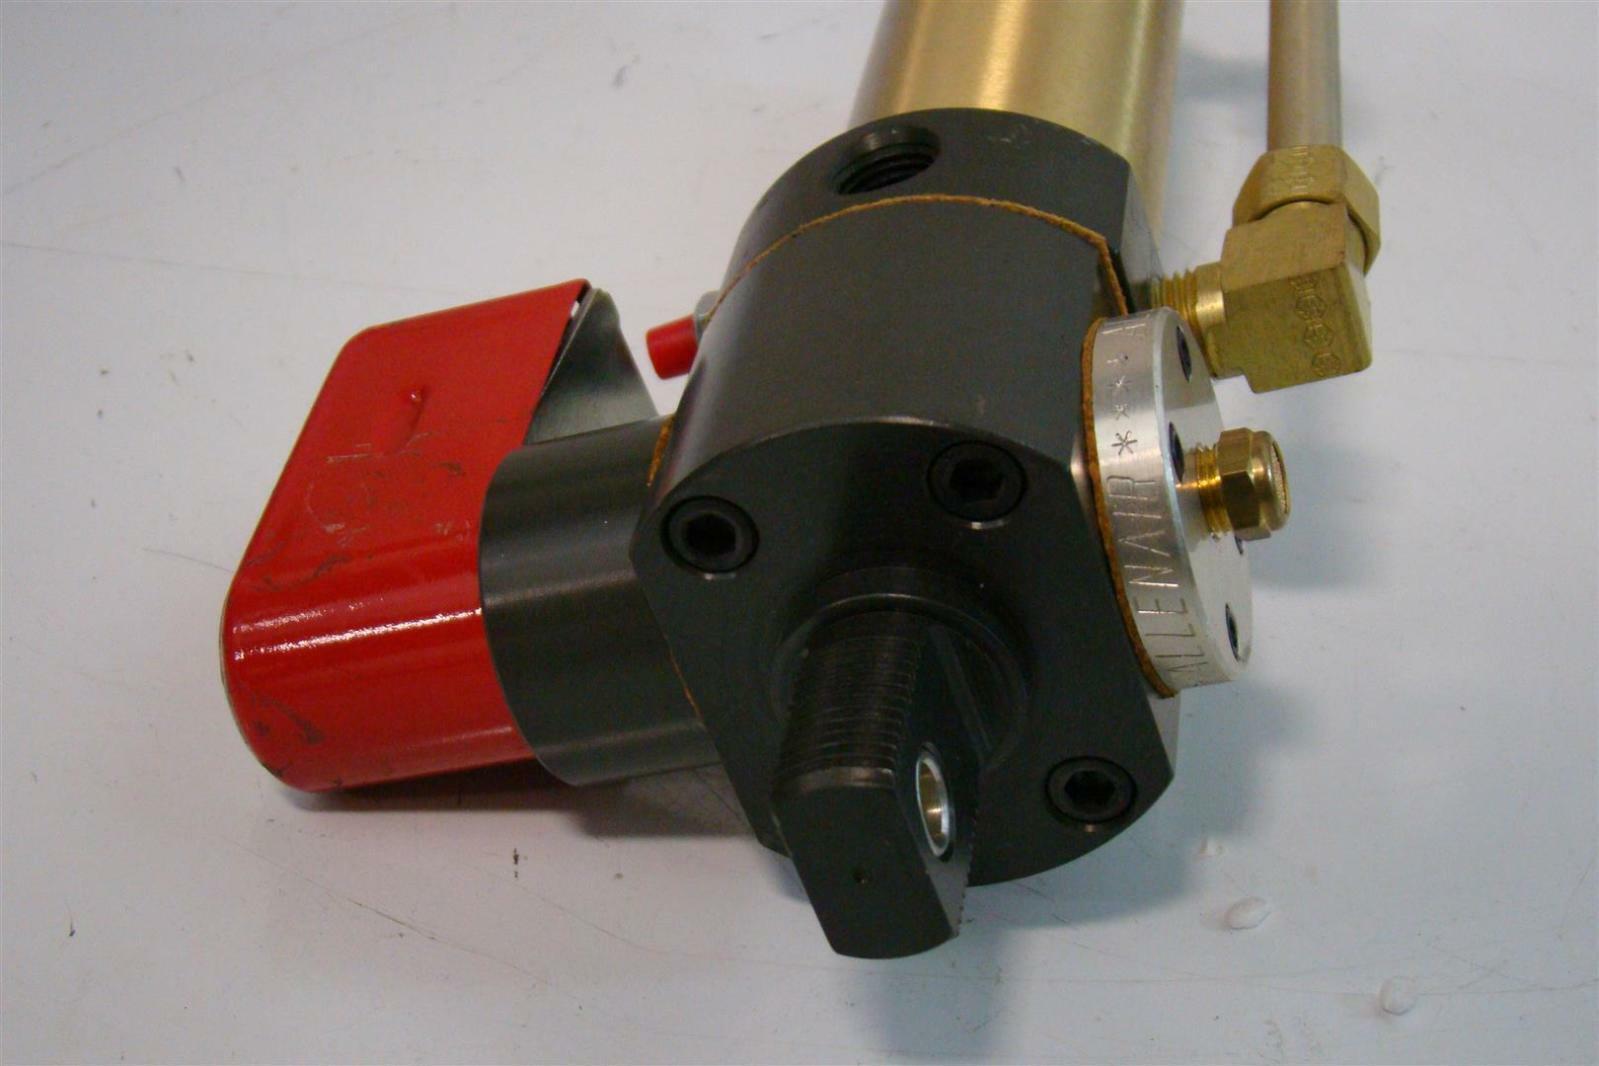 Allenair Air Cylinder Av 1 Amp 1 2 X 3 Bc Svsr Aas 120 60 Ebay